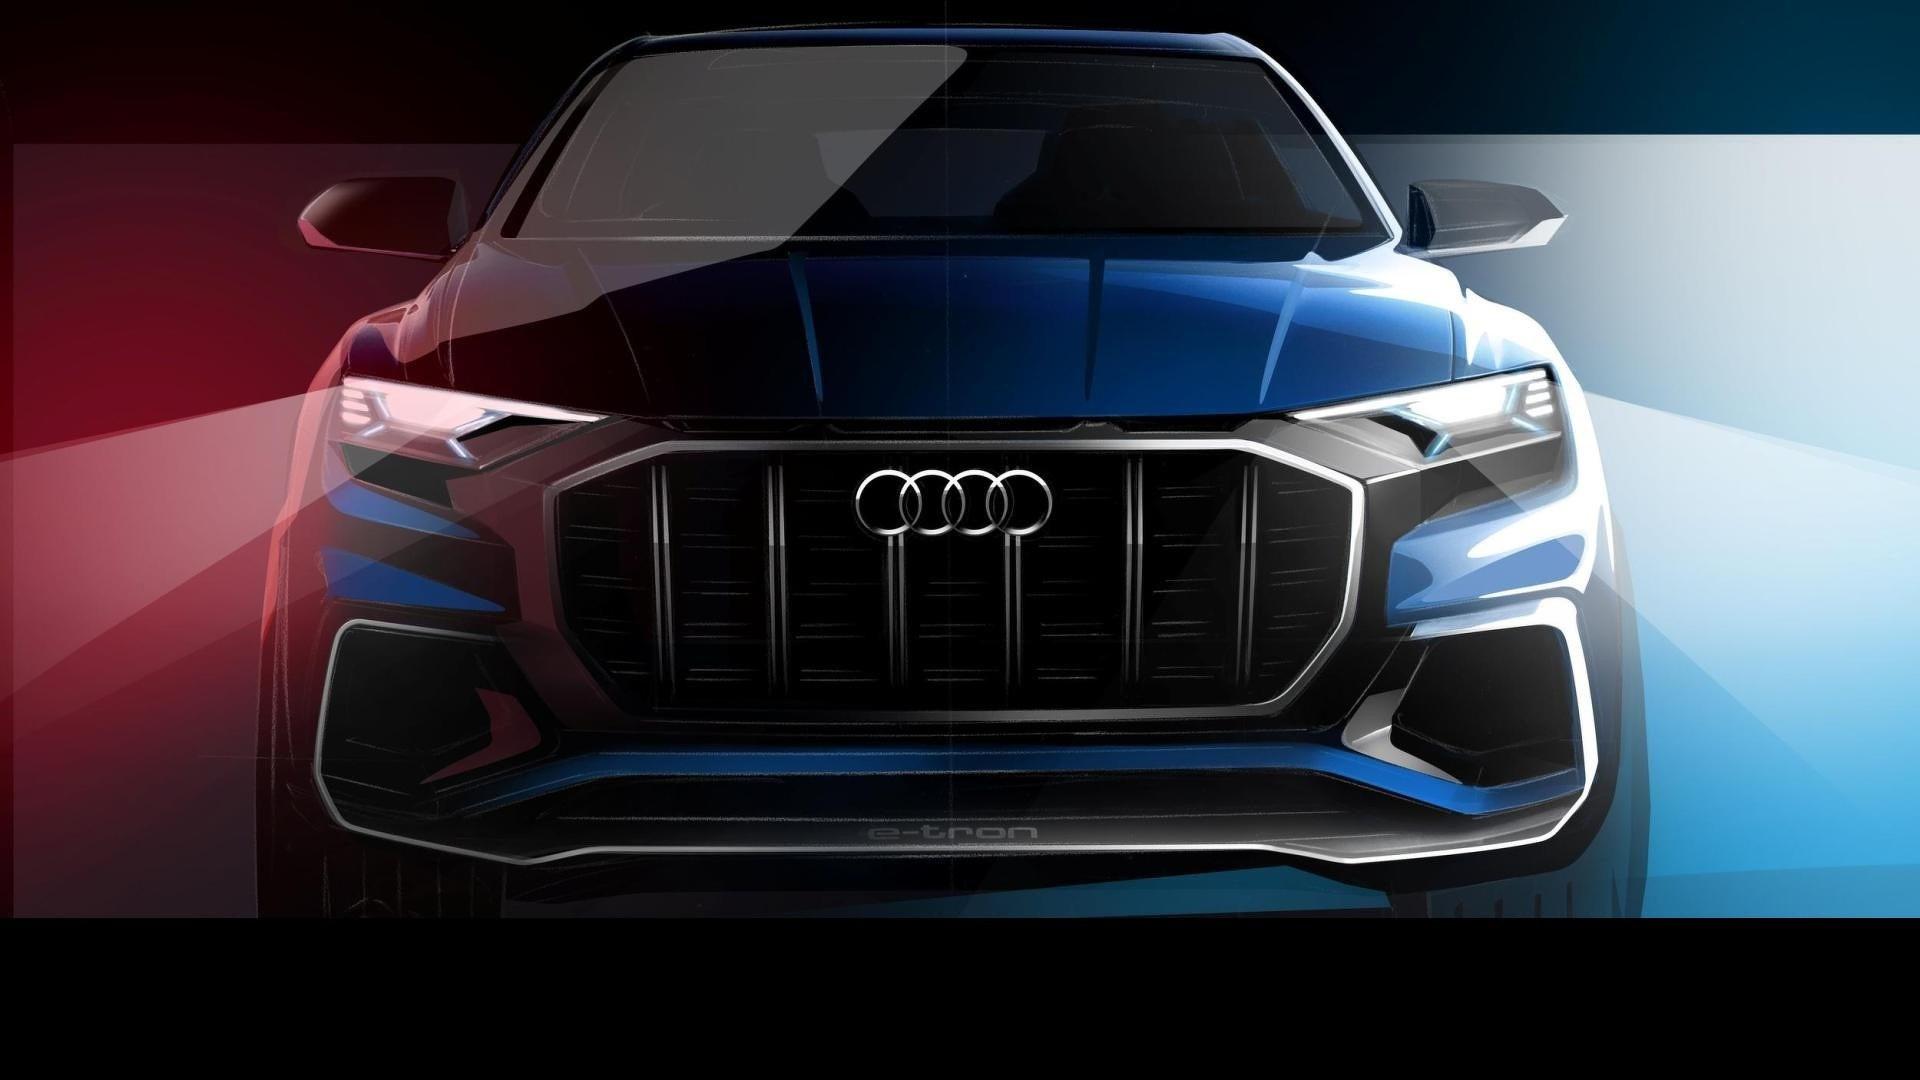 奥迪Q8 E-tron概念车预览 将于1月份首发